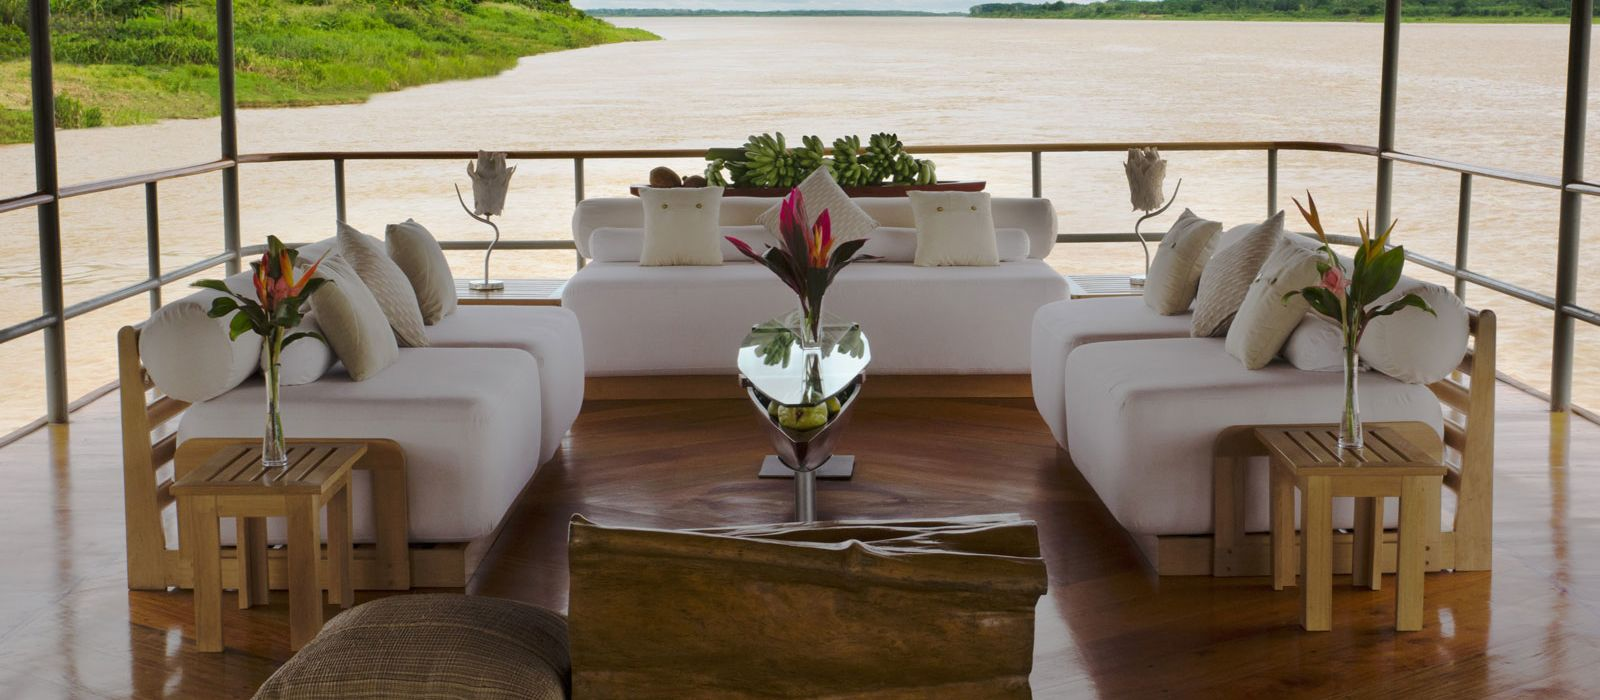 Hotel Delfin Cruises I Peru